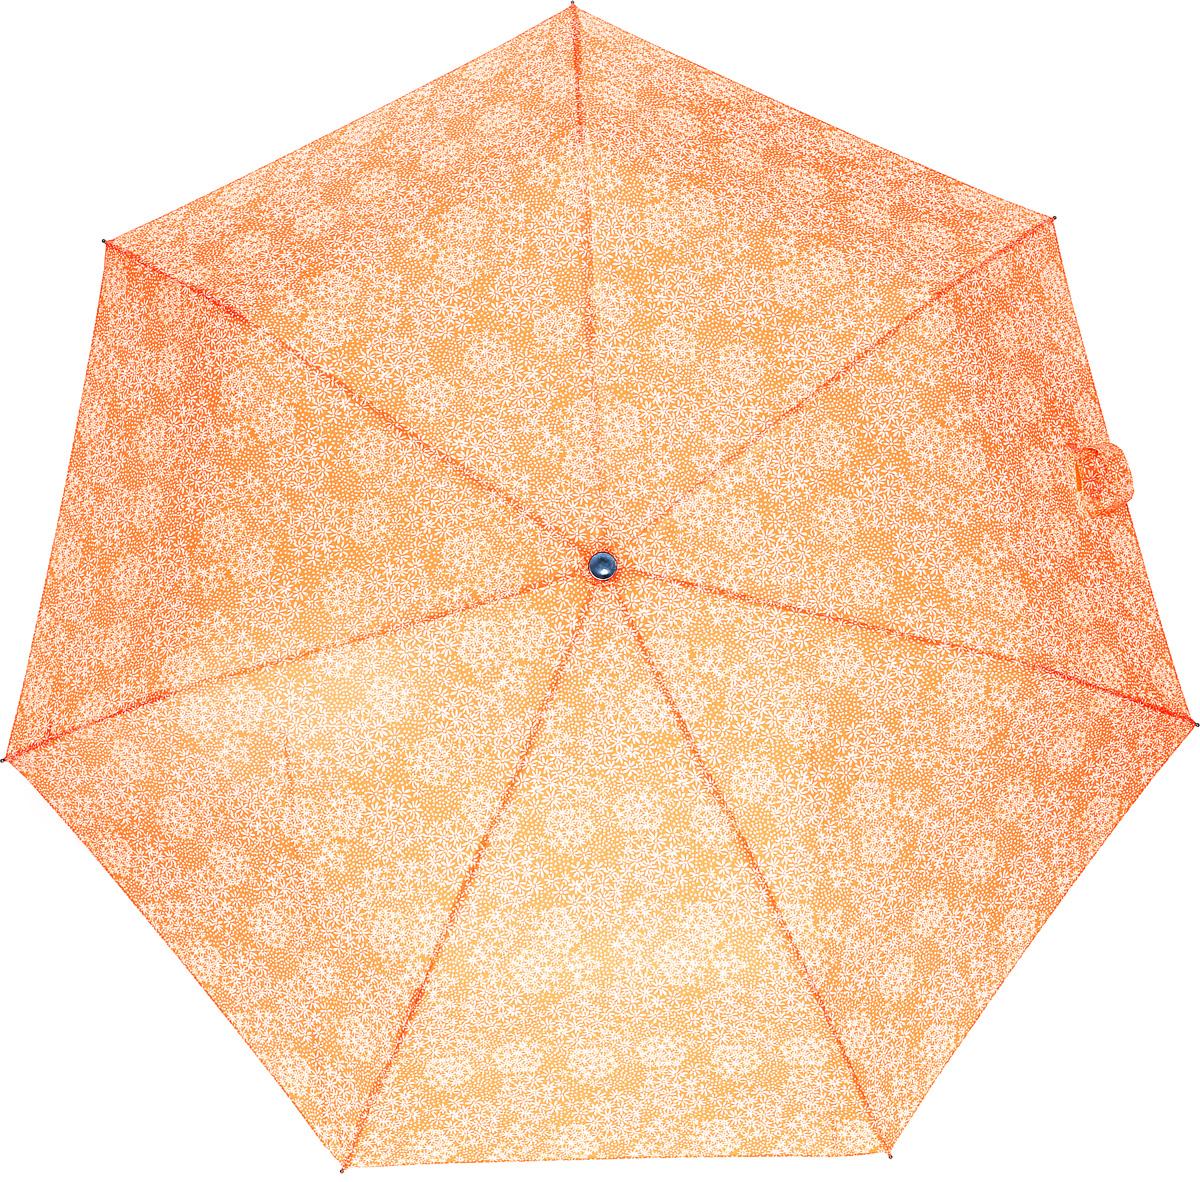 C-Collection 534-6 Зонт полный автом. 3 сл. жен.REM12-CAM-GREENBLACKЗонт испанского производителя Clima. В производстве зонтов используются современные материалы, что делает зонты легкими, но в то же время крепкими. Полный автомат, 3 сложения, 7 спиц, полиэстер.